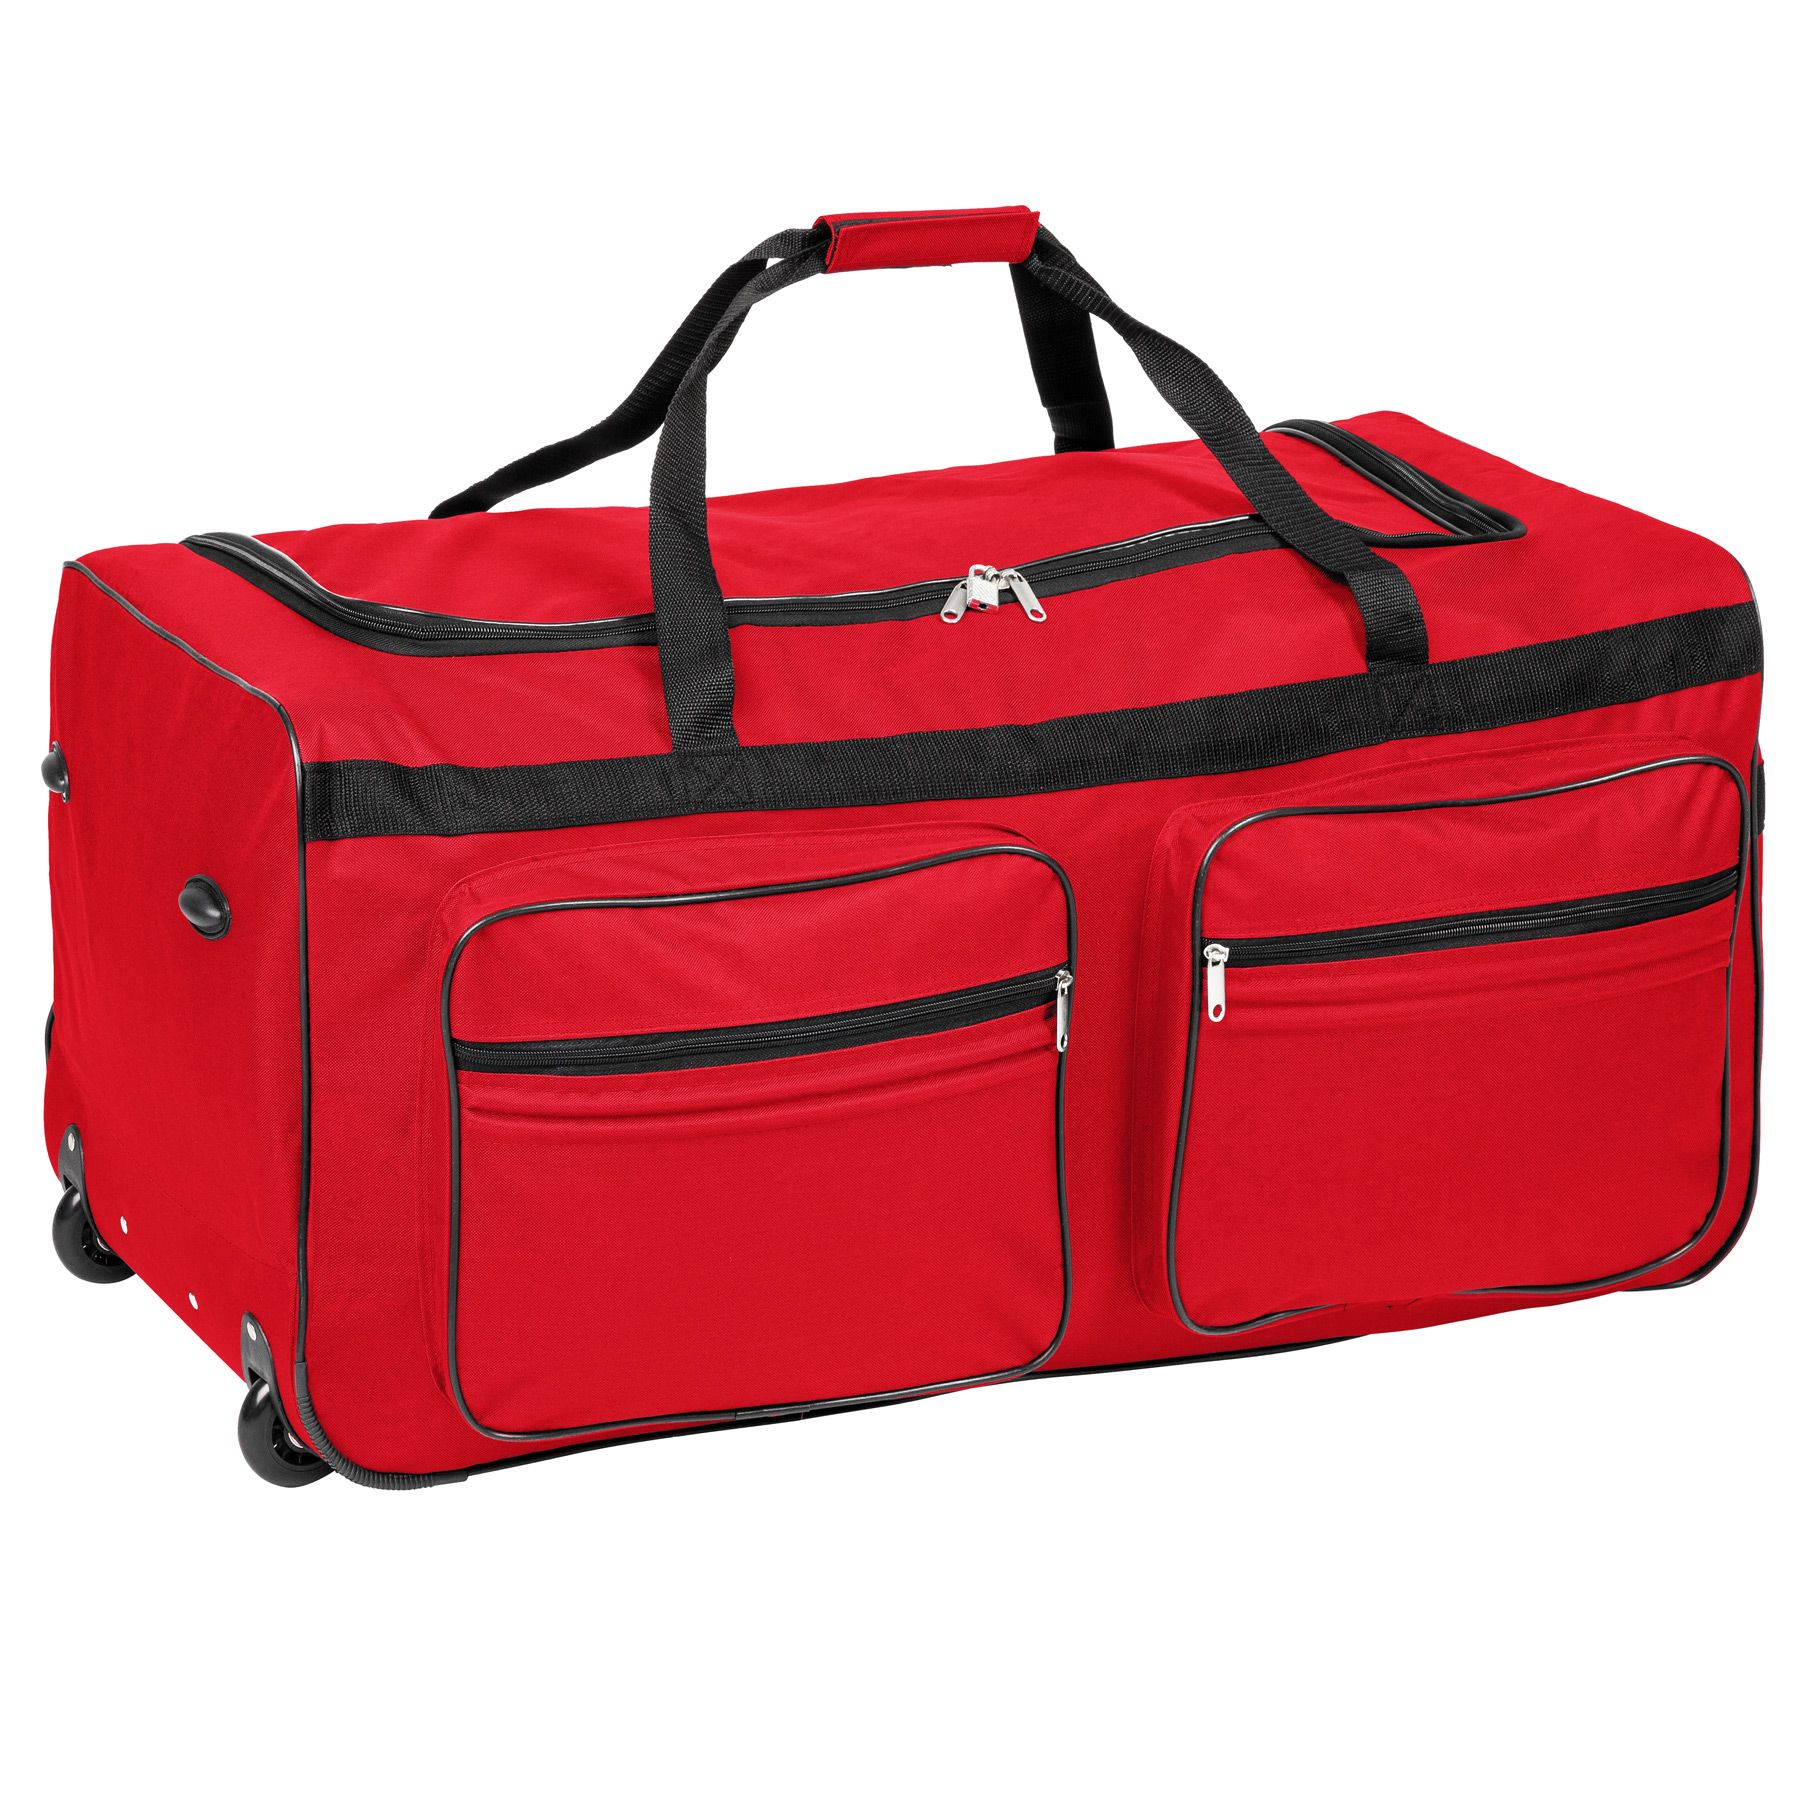 TecTake_Reisetasche_402214_1 Sac de voyage XXL valise trolley légère sport bagage à roulettes 160 litres